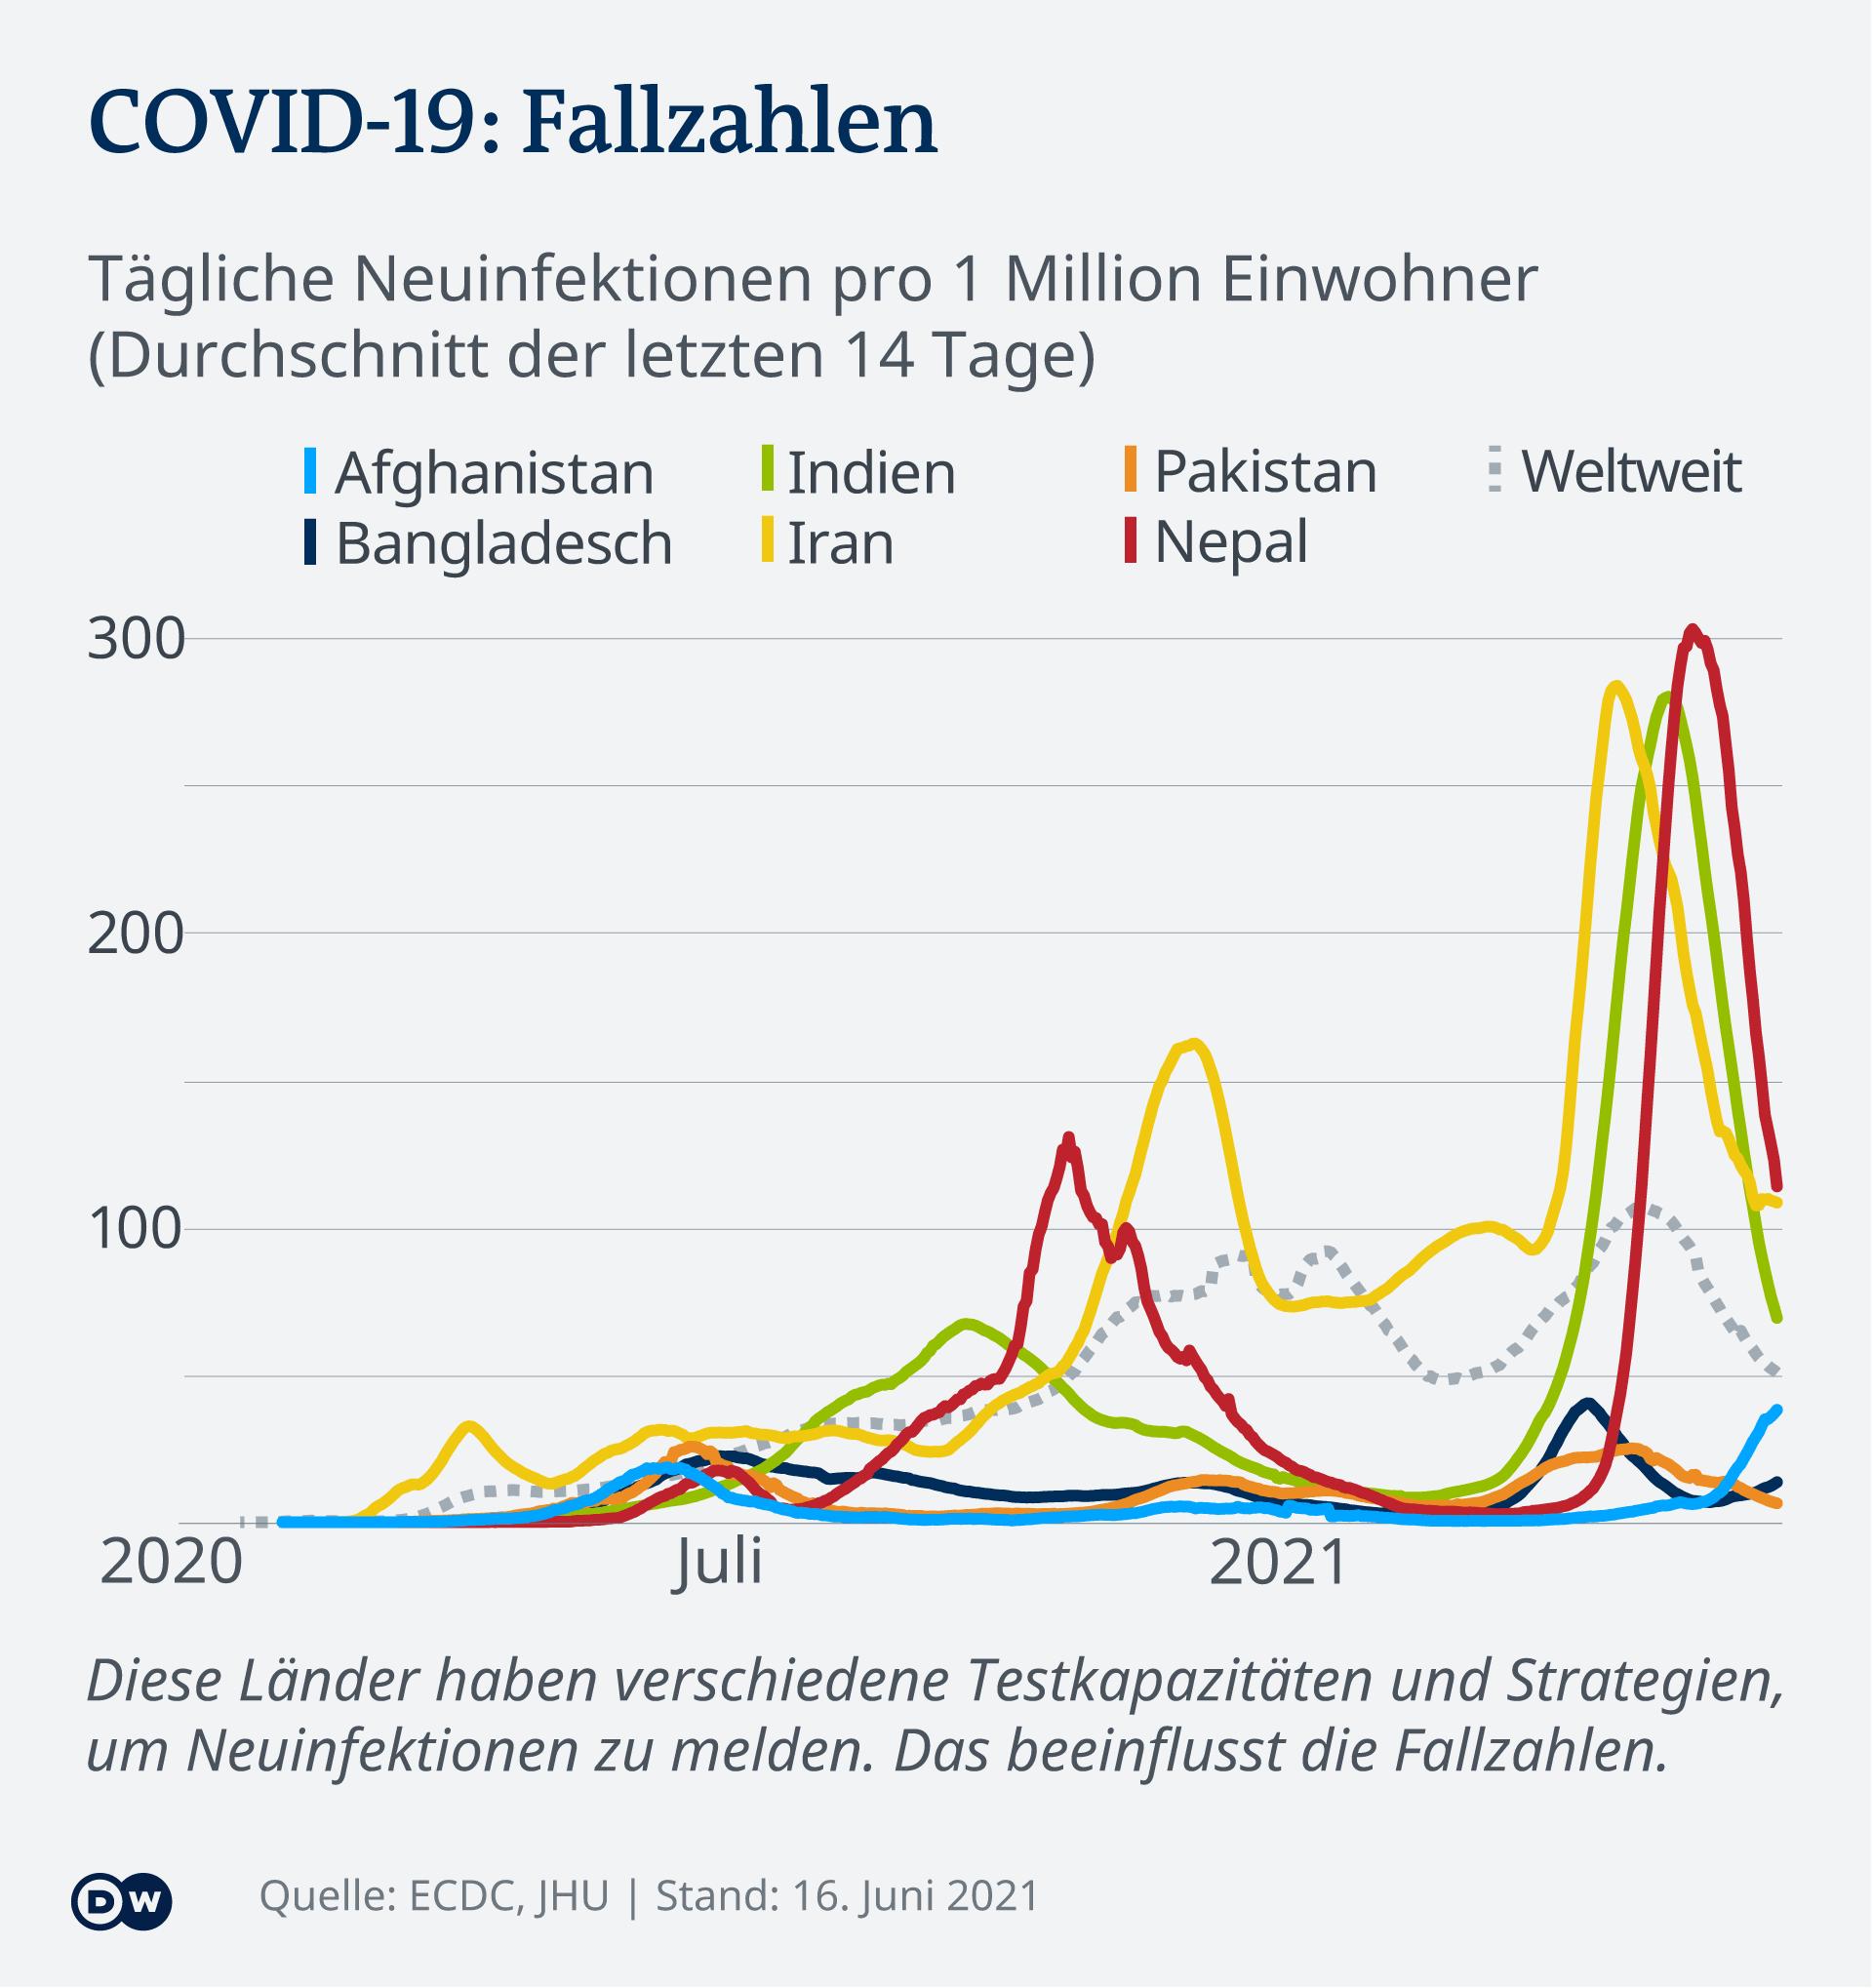 Infografik COVID-19 Fallzahlen ausgewählte asiatische Länder DE